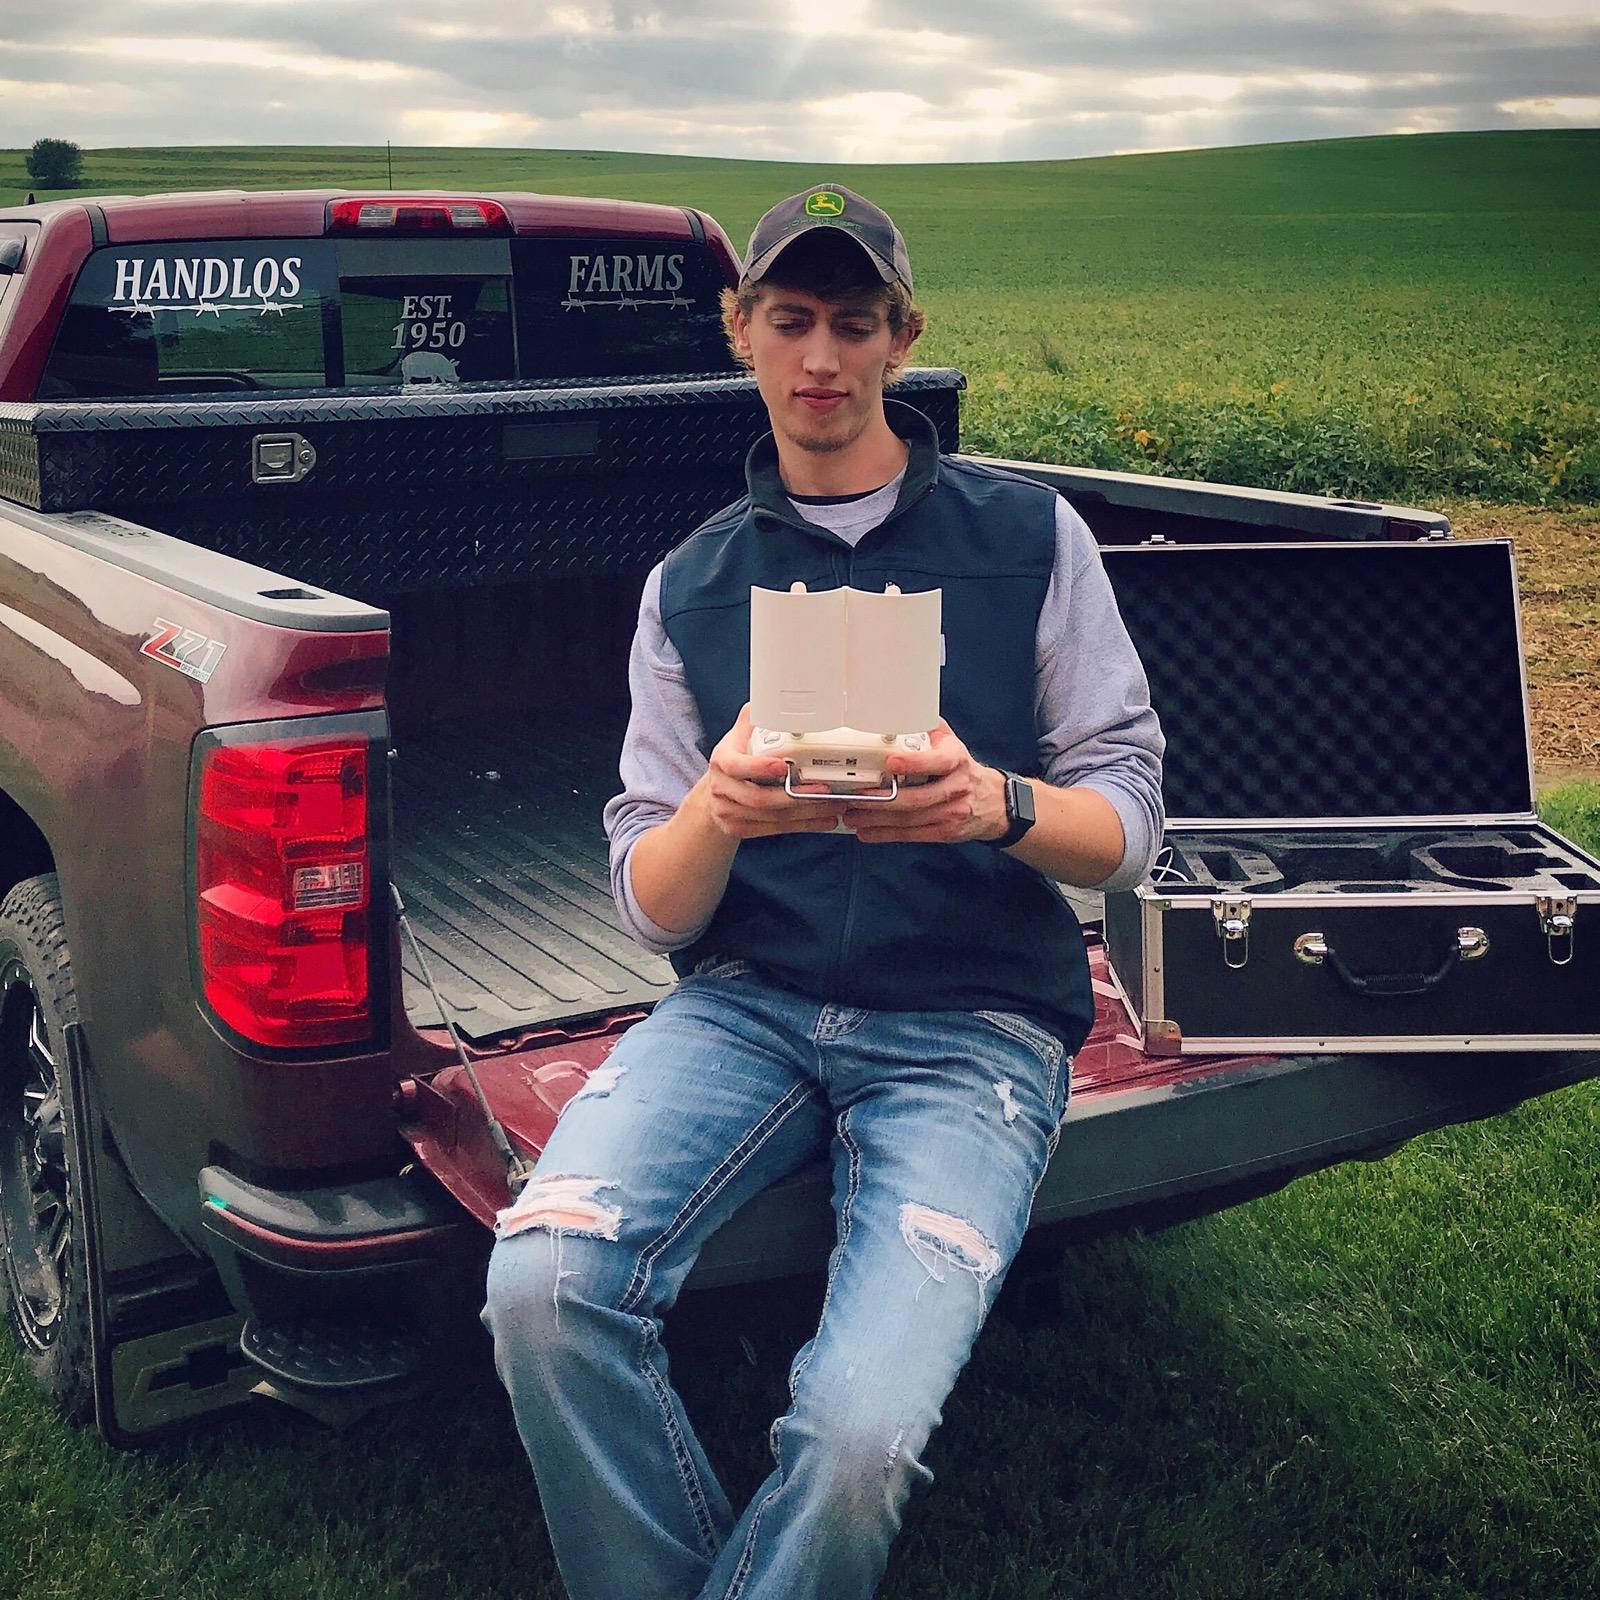 277 Iowa Farmer Blake drone videos